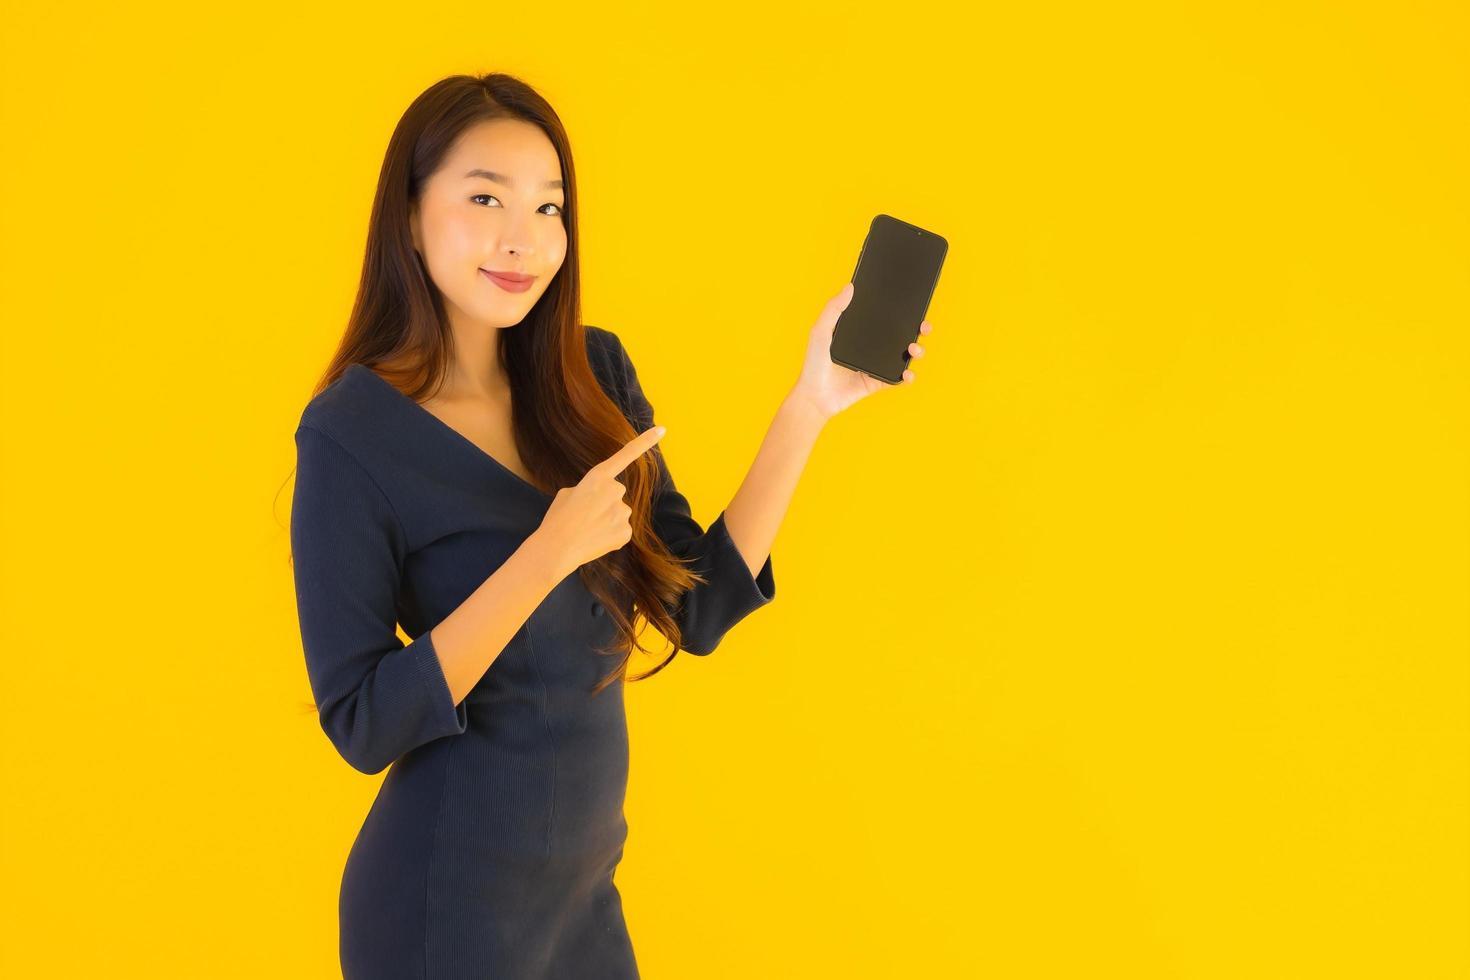 woman wijzend naar telefoon foto